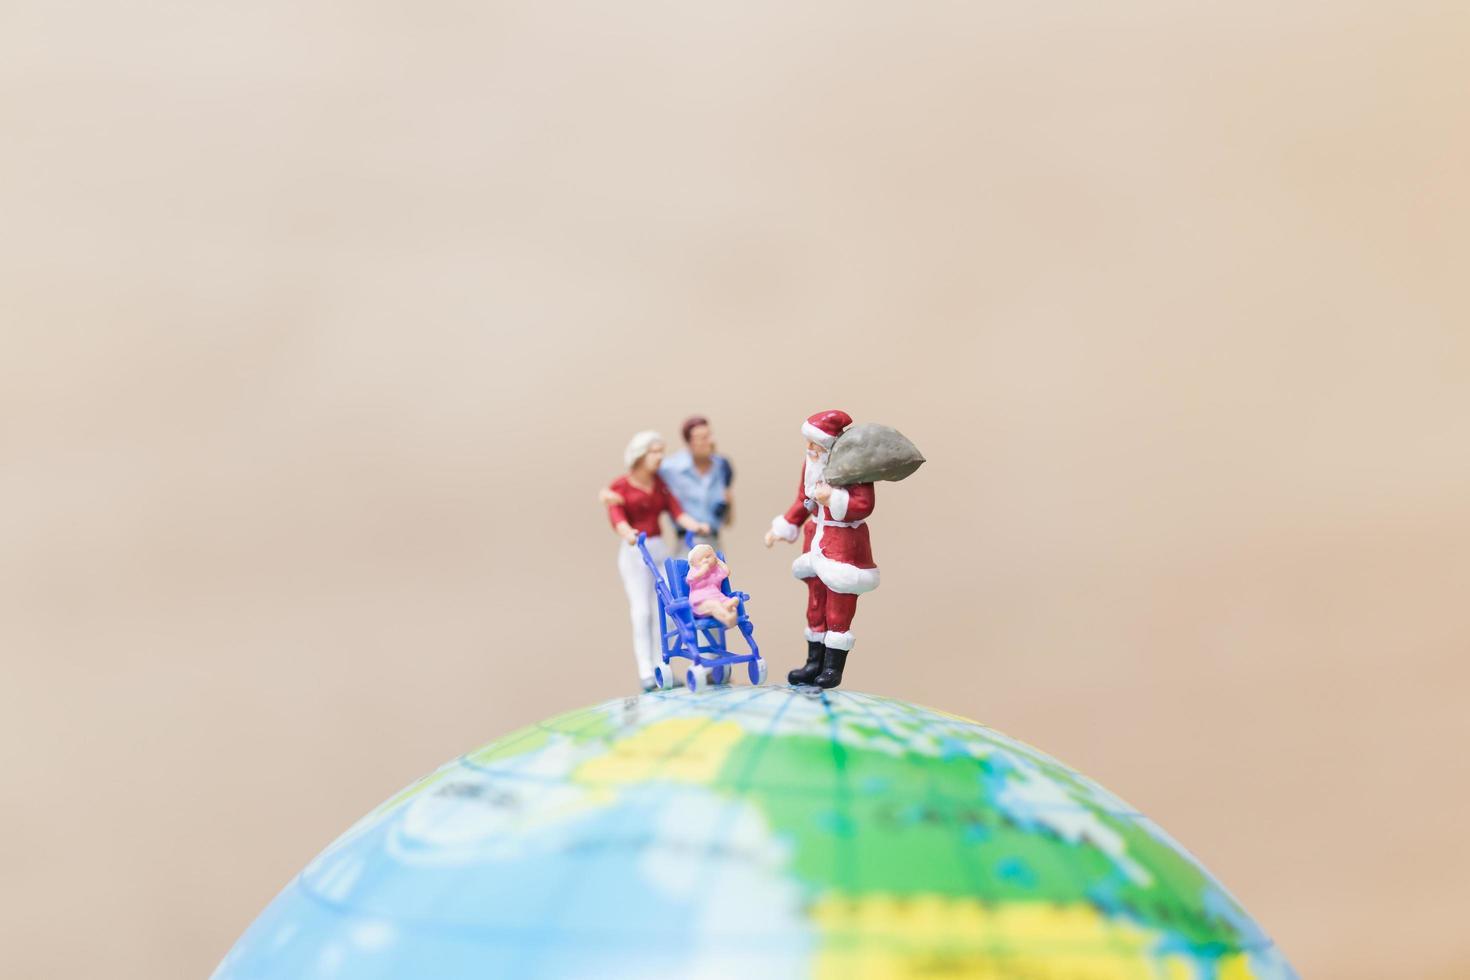 Père Noël miniature tenant des cadeaux pour les enfants sur un globe, joyeux Noël concept photo